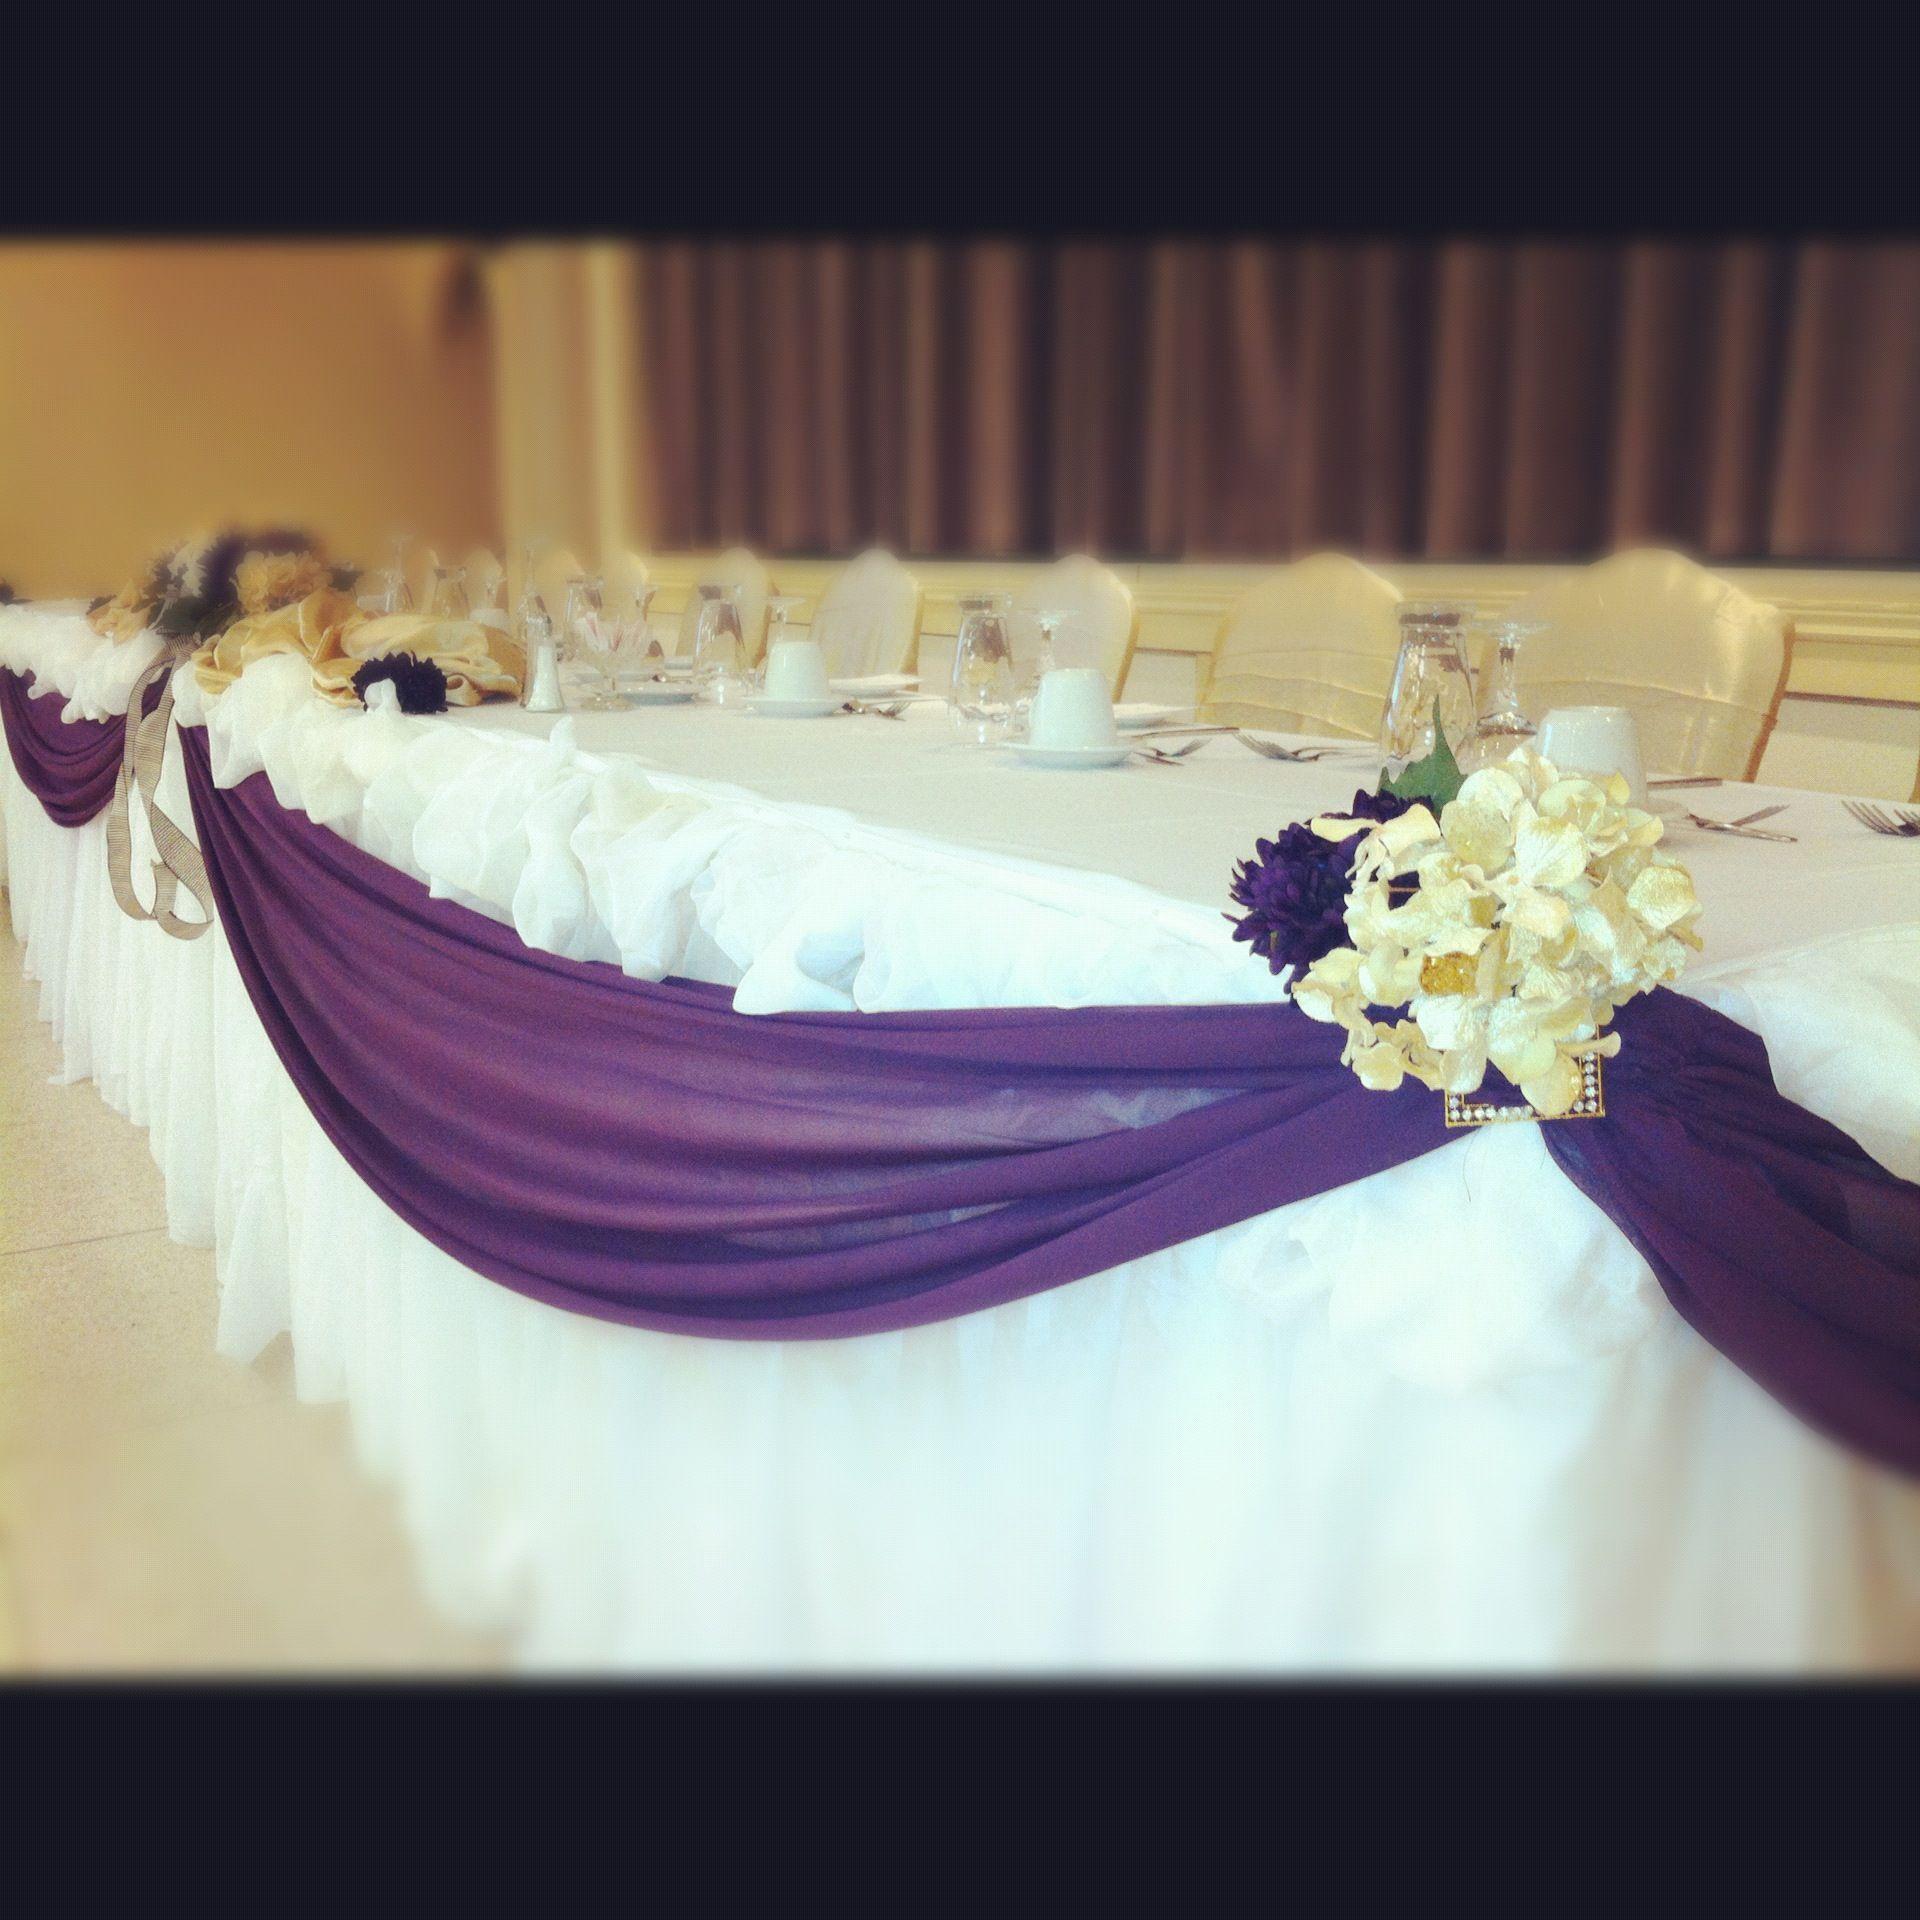 Purple Wedding Arch Decoration Ideas: Elegant Head Table Wedding Decorations. Like The Purple